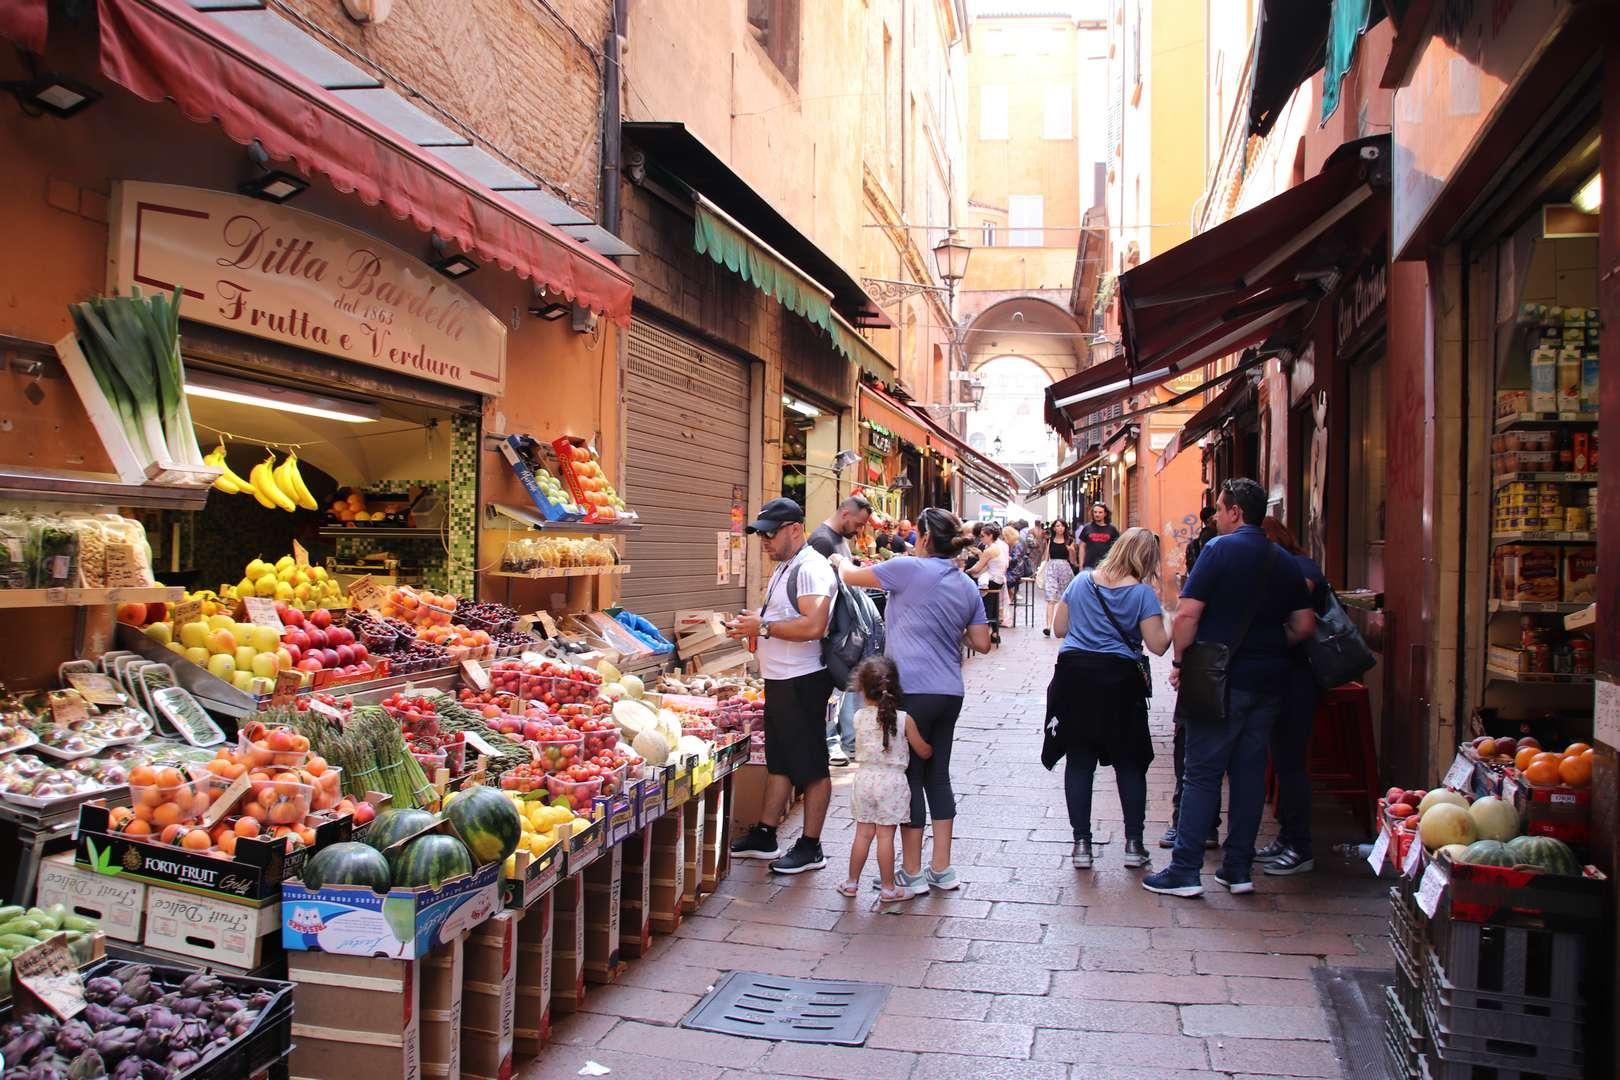 Italie - Ambiance de marché dans les rues de Bologne